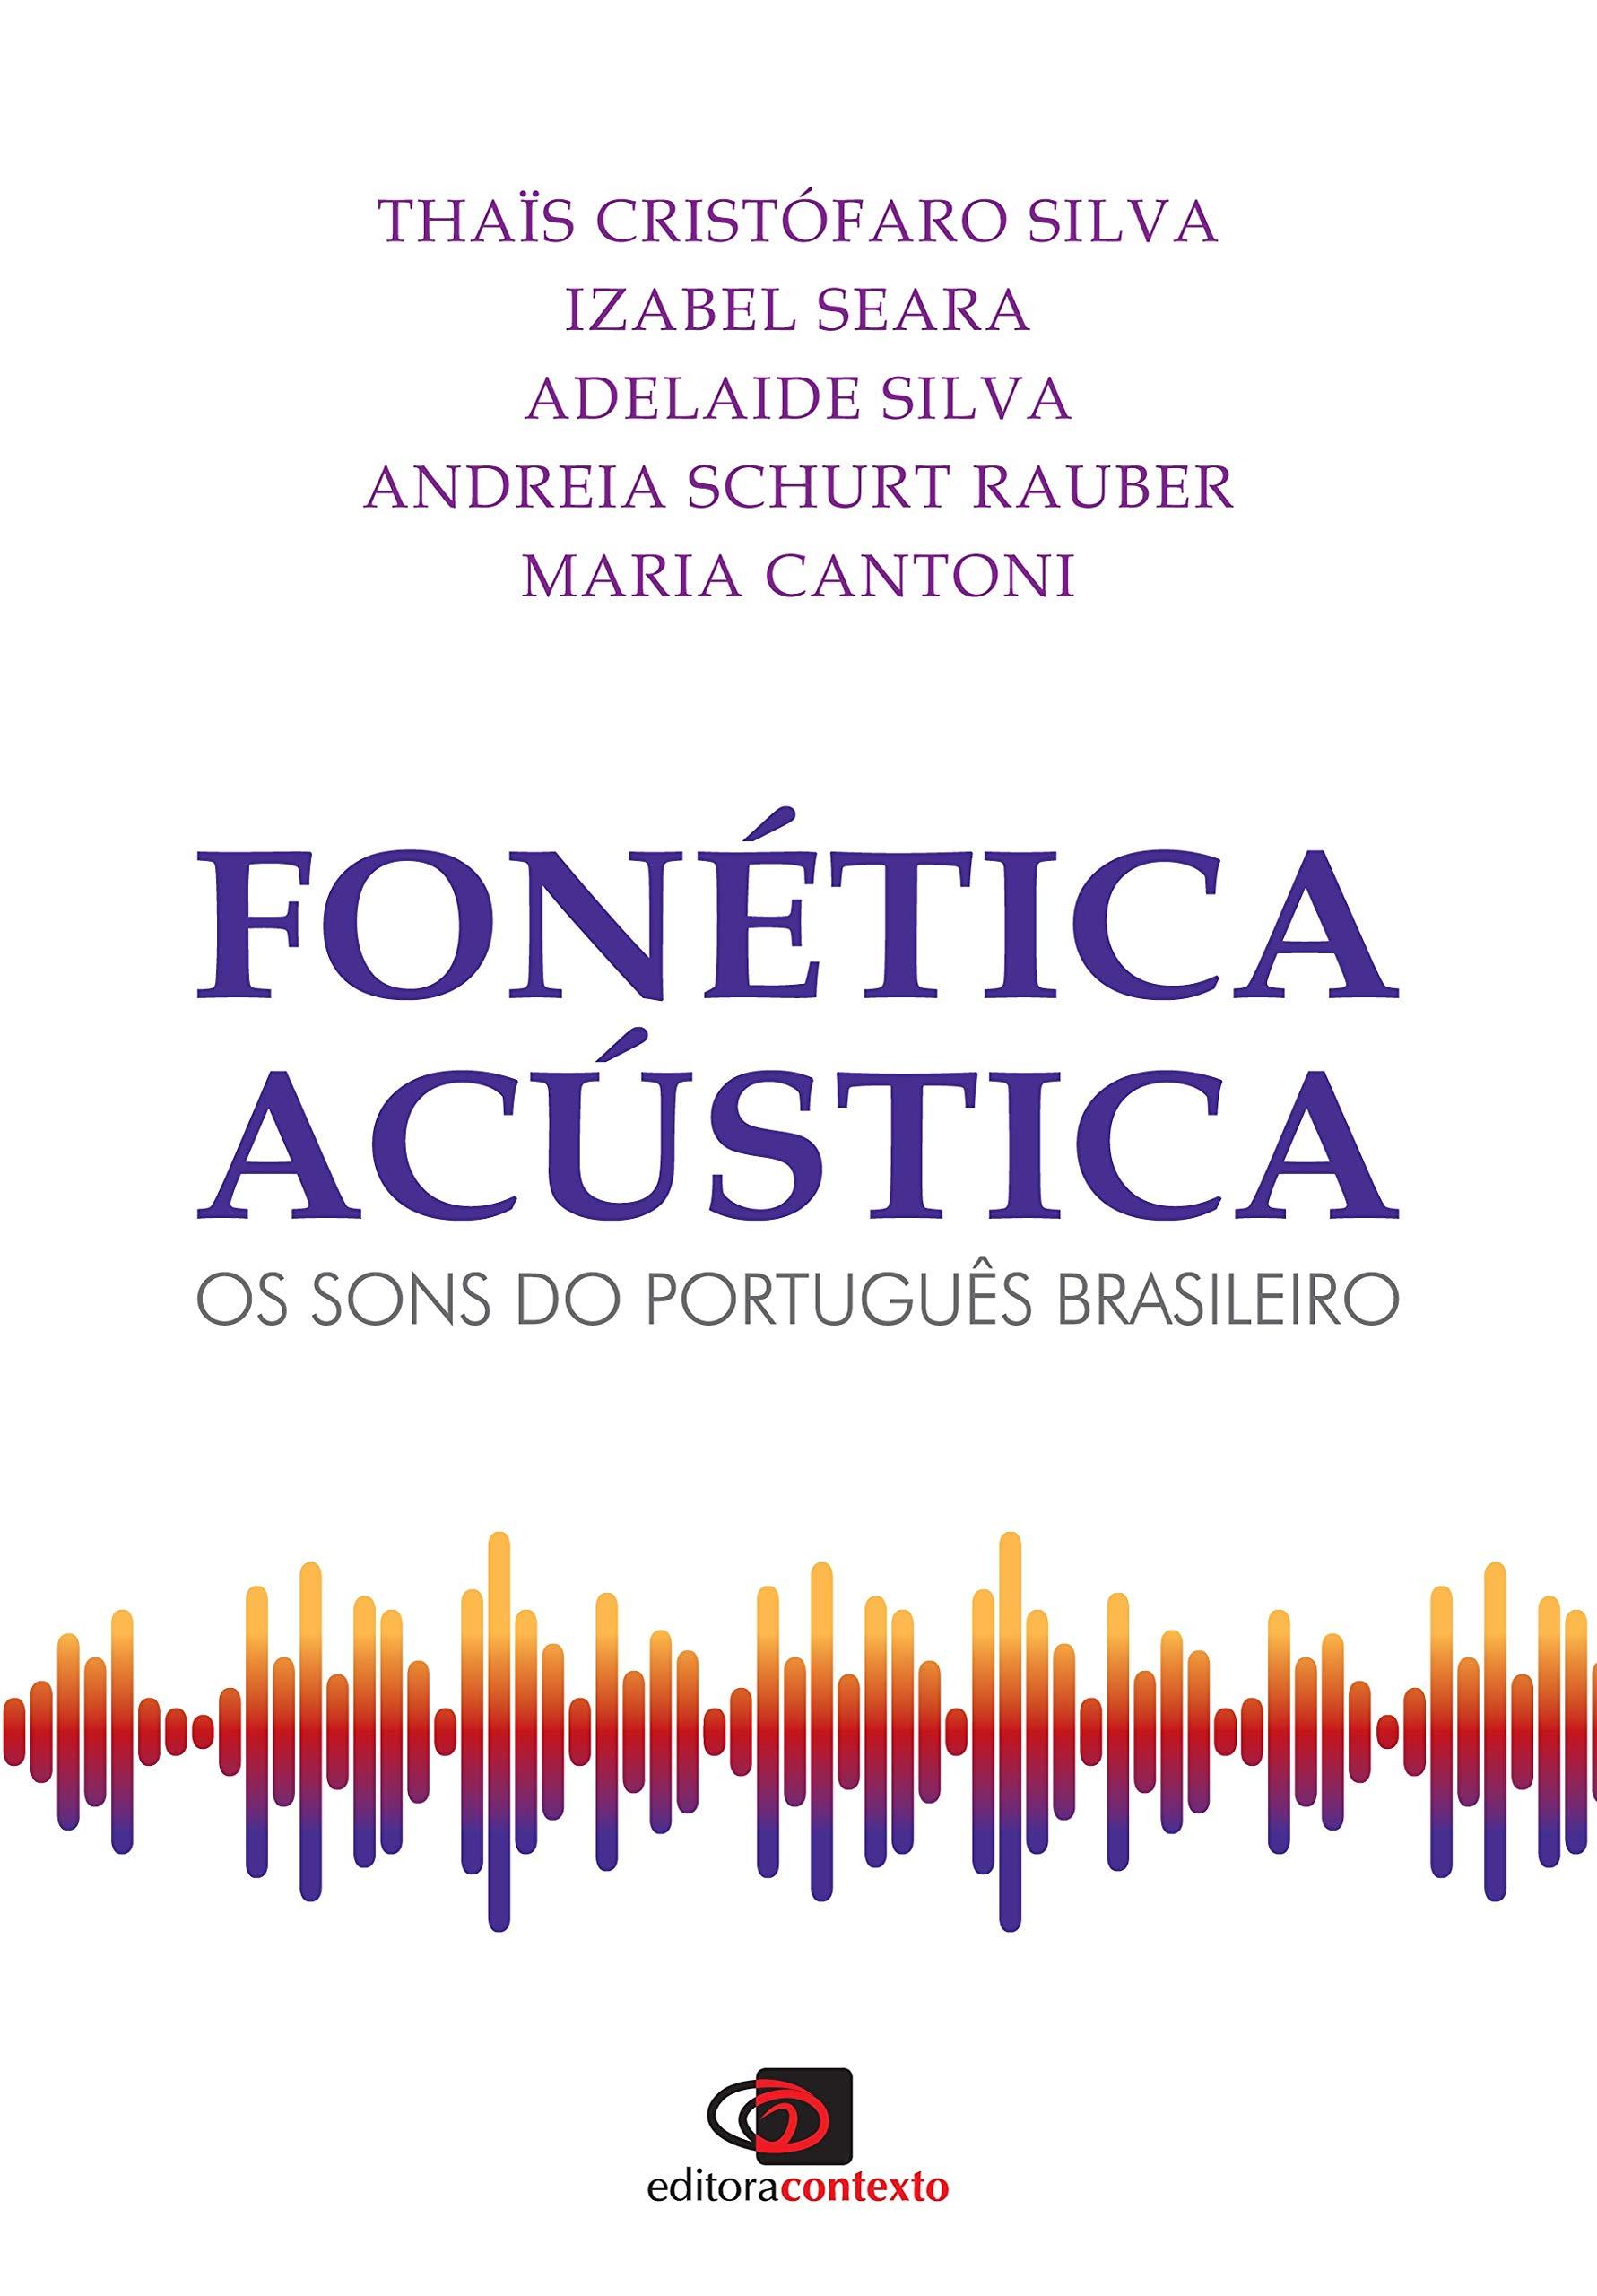 Fonética Acústica: Os Sons Do Português Brasileiro, livro de Thaïs Cristófaro Silva, Izabel Christine Seara, Adelaide Silva, Andreia Schurt Rauber, Maria Cantoni,